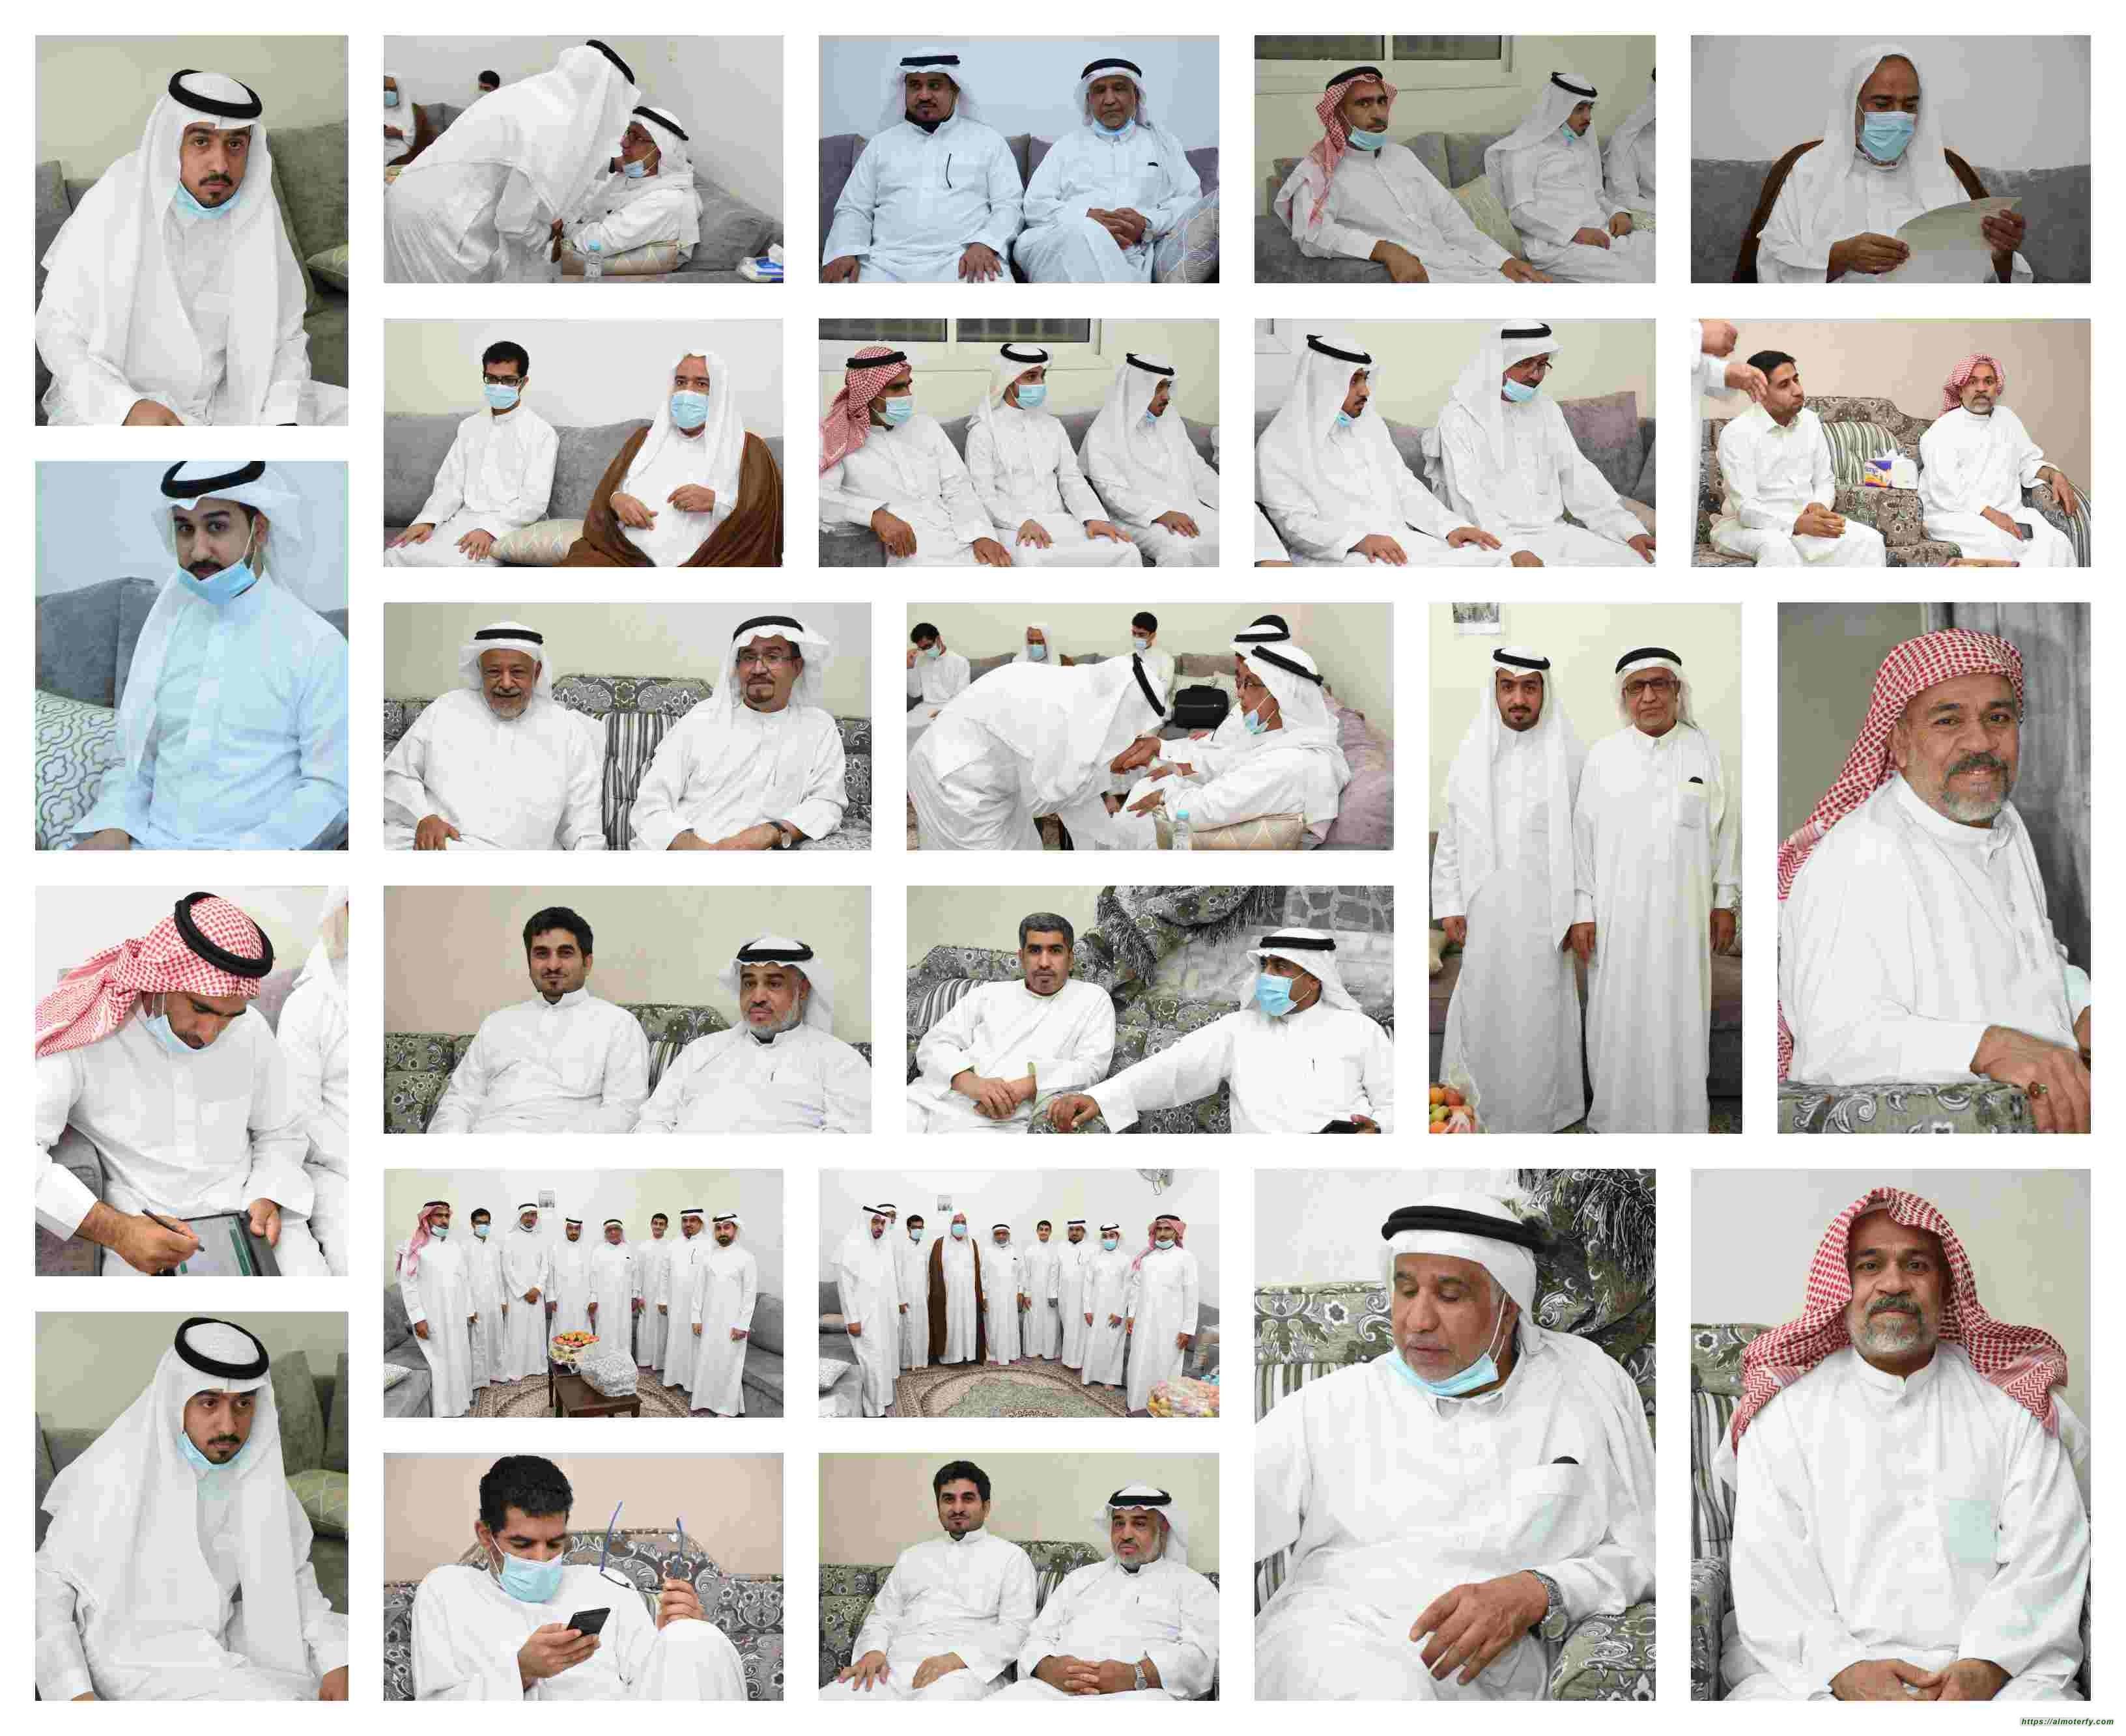 عقد قرآن الشاب  السيد ابراهيم السيد عبدالمحسن الهاشم تهانينا